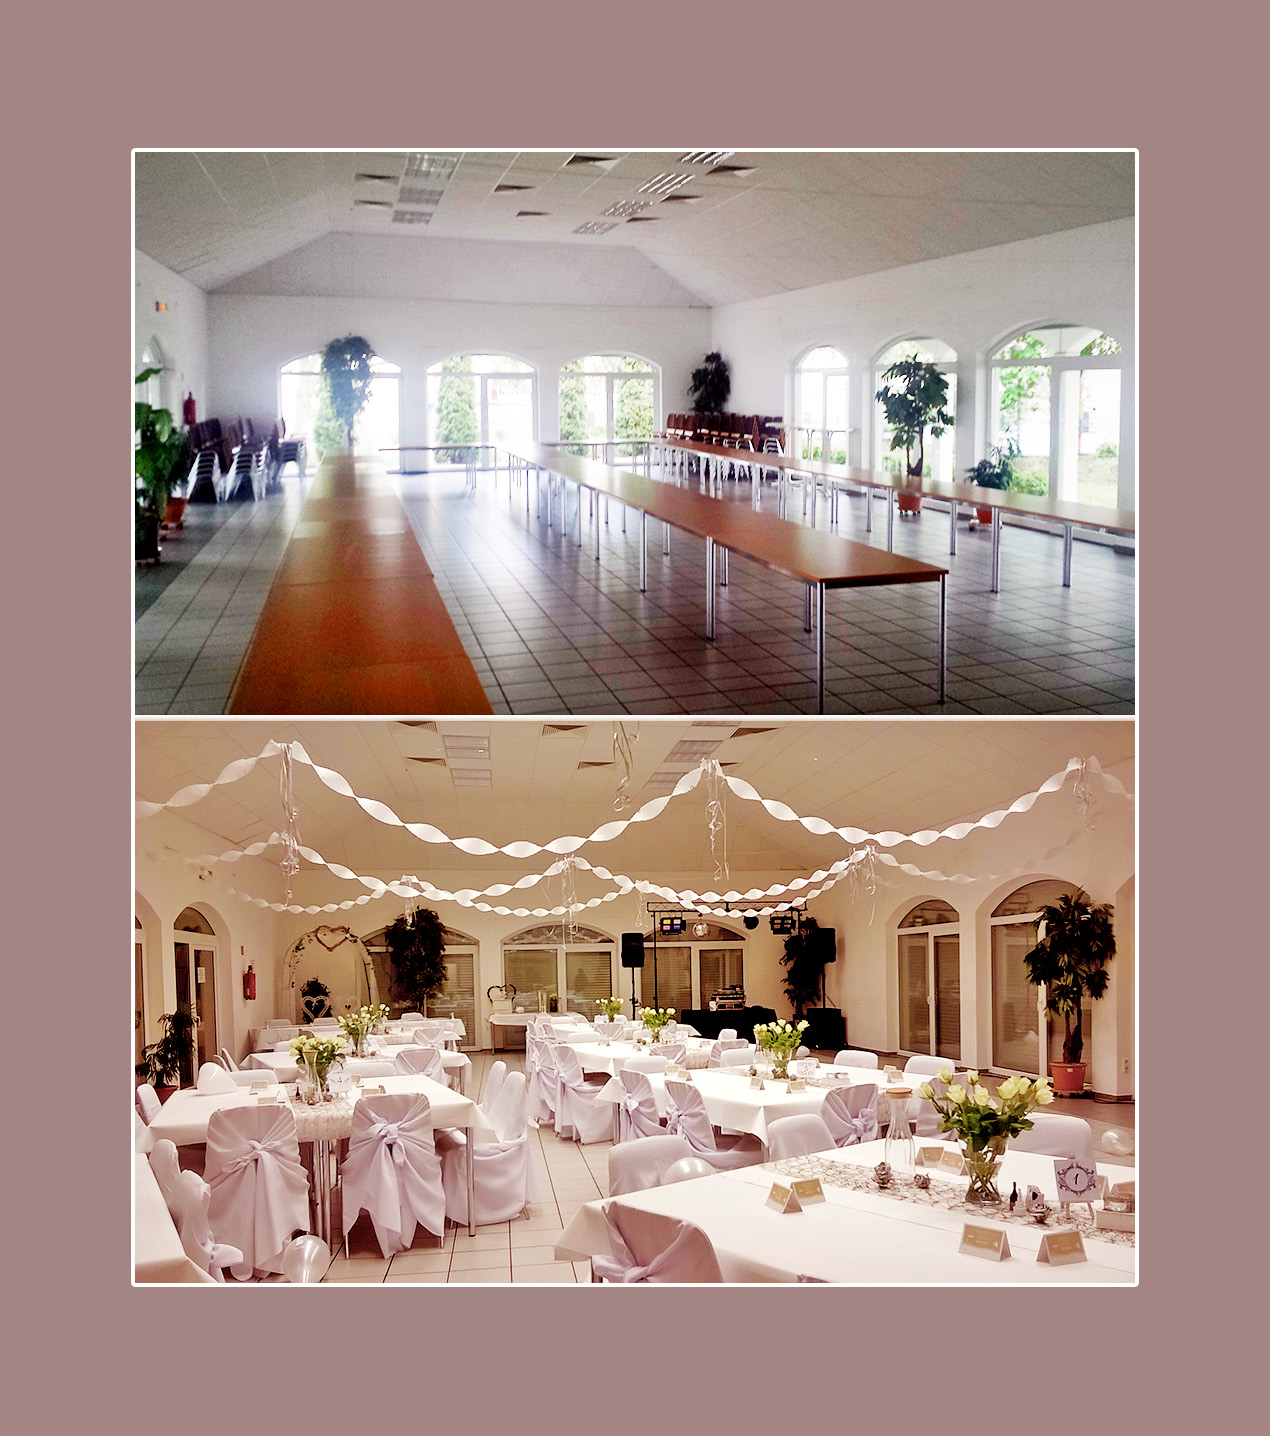 Hochzeitslocation-Buergerhaus-Dortmund-Boevinghausen